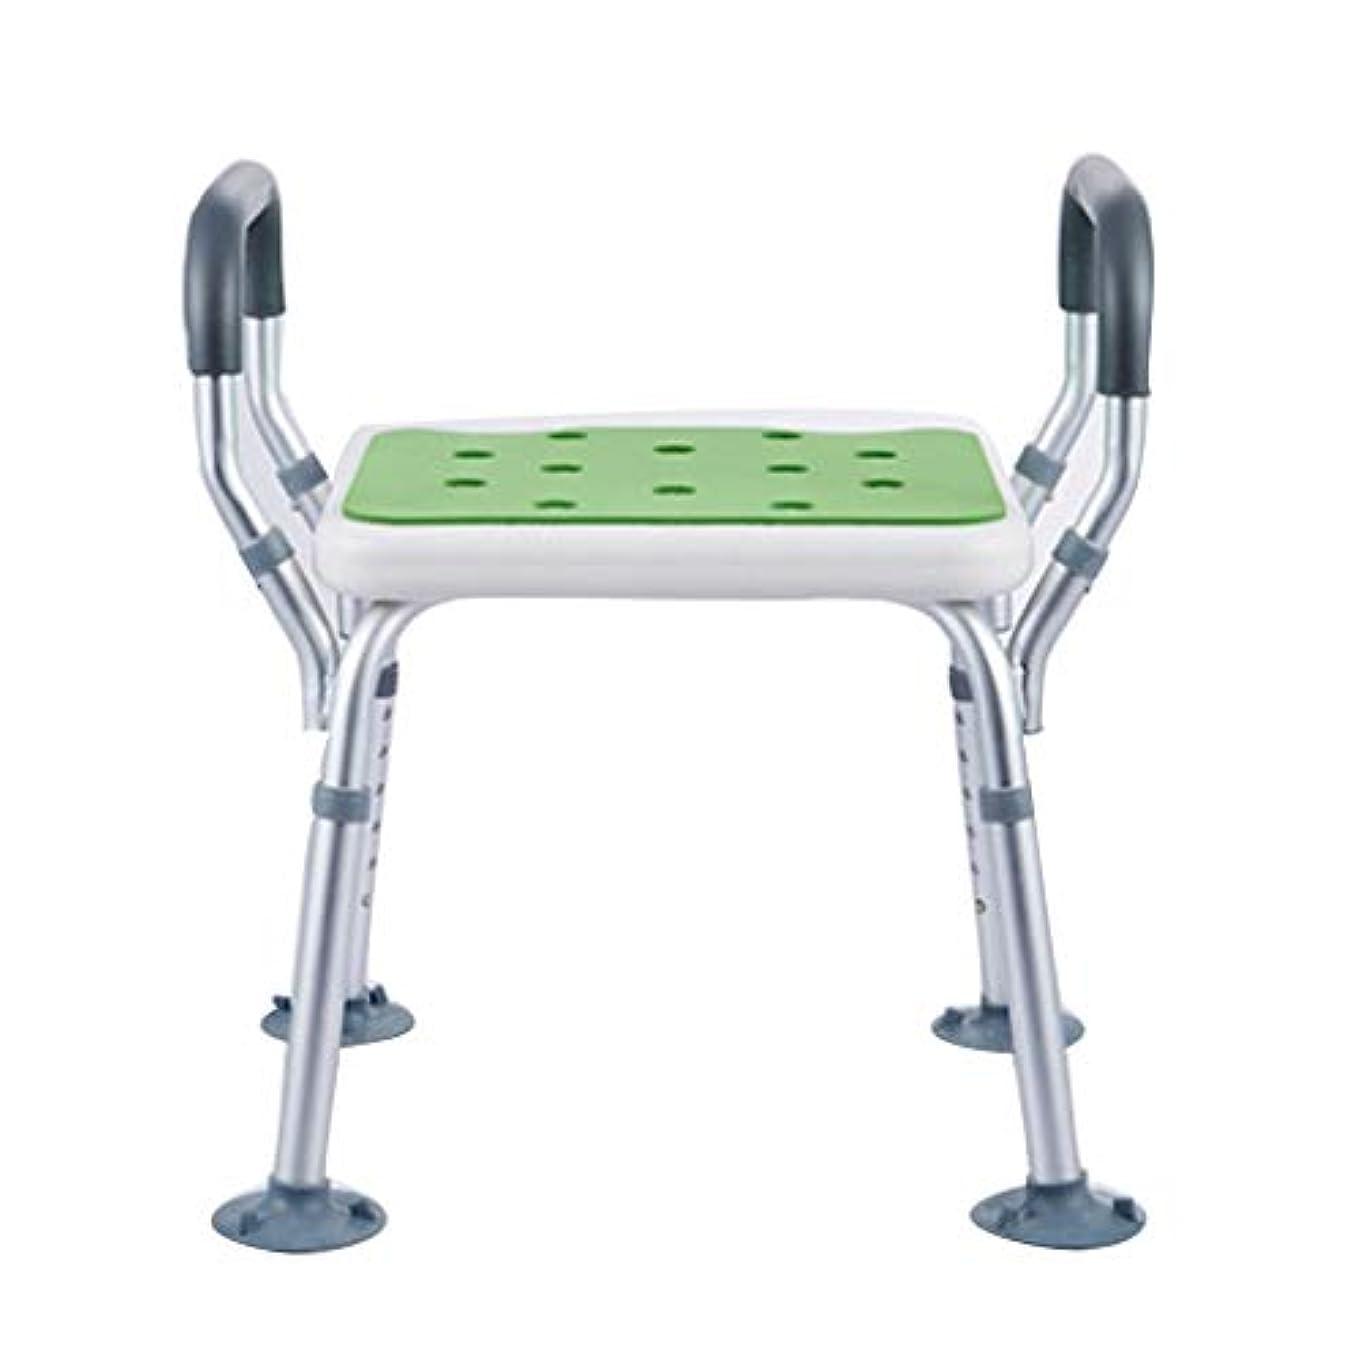 前書き寸前出会いシャワーベンチ シャワーベンチ バス アル コンフォート アルミ合金 軽量コンパクト 取付簡単 丈夫 入浴補助用具 高齢者身体障害者妊婦に適しています、肘掛付 耐荷重約100kg